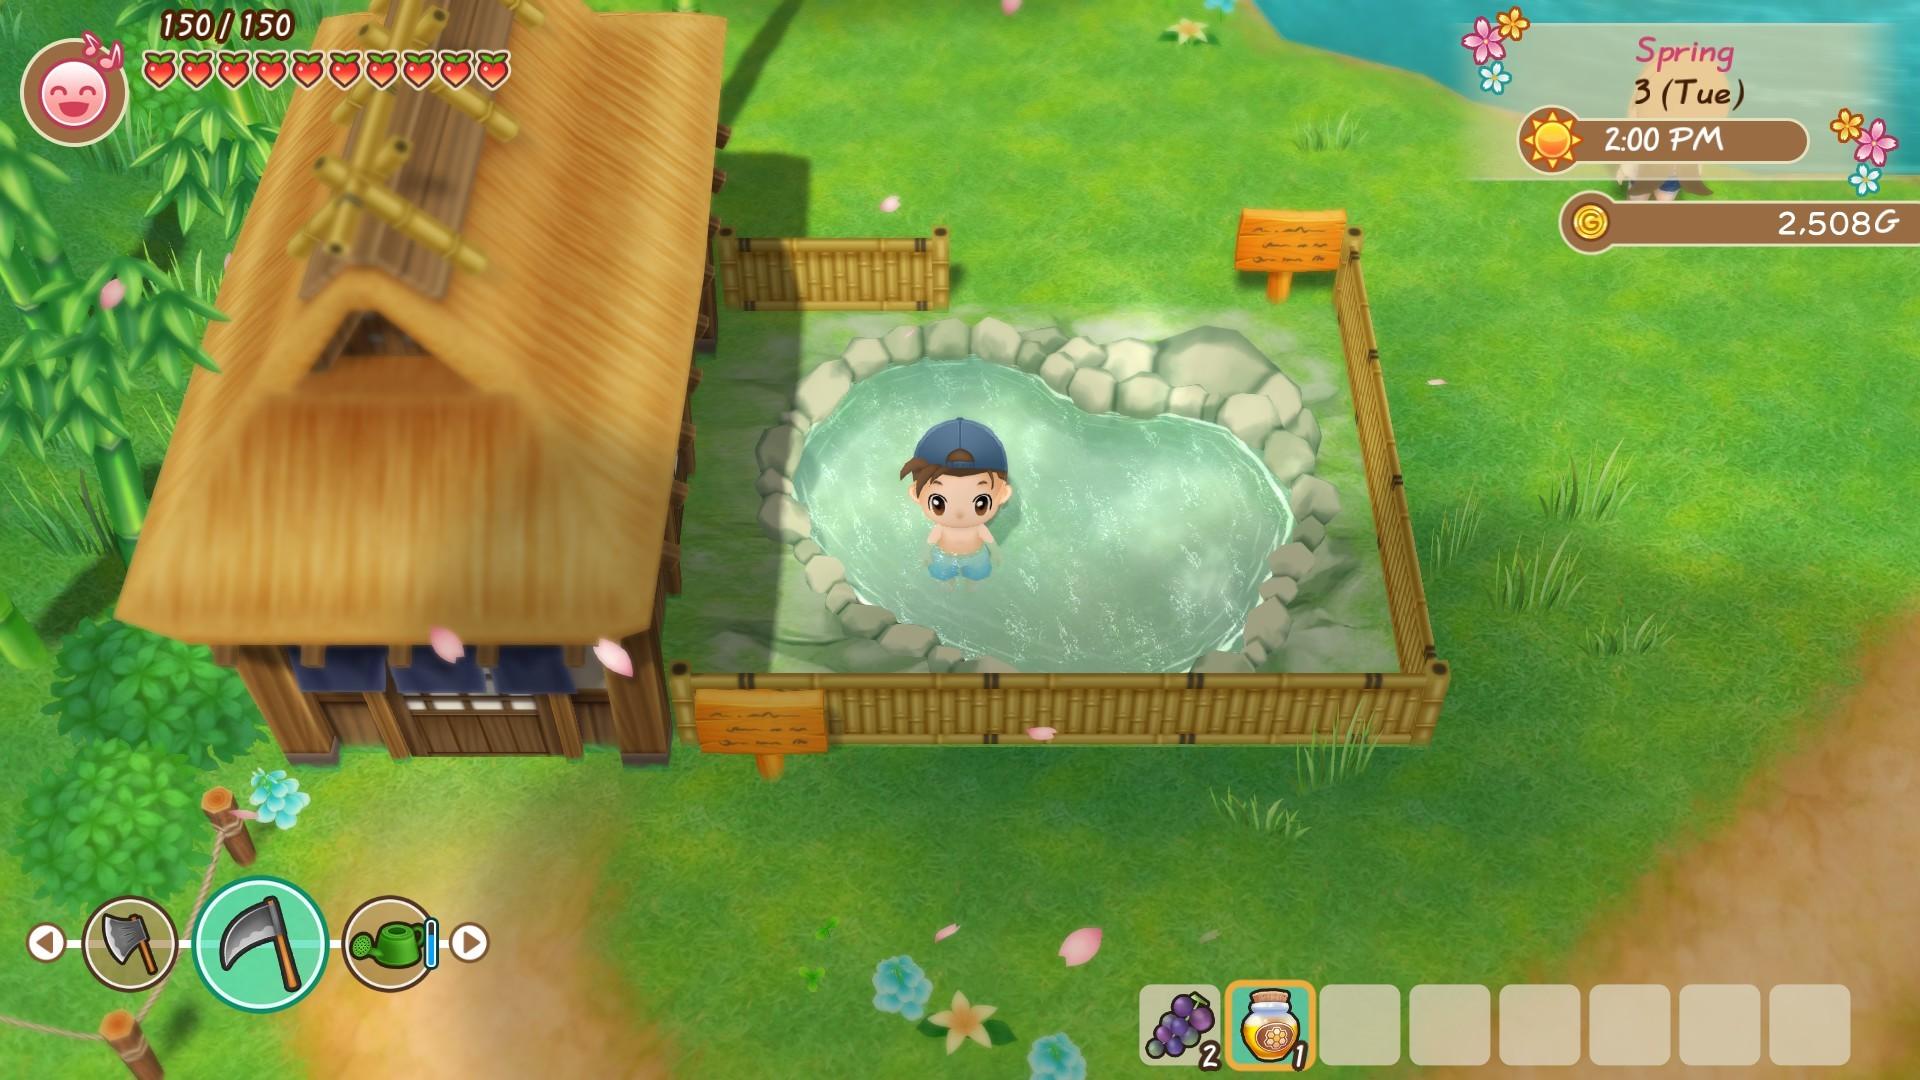 《牧场物语:重聚矿石镇》在Steam平台开启预售